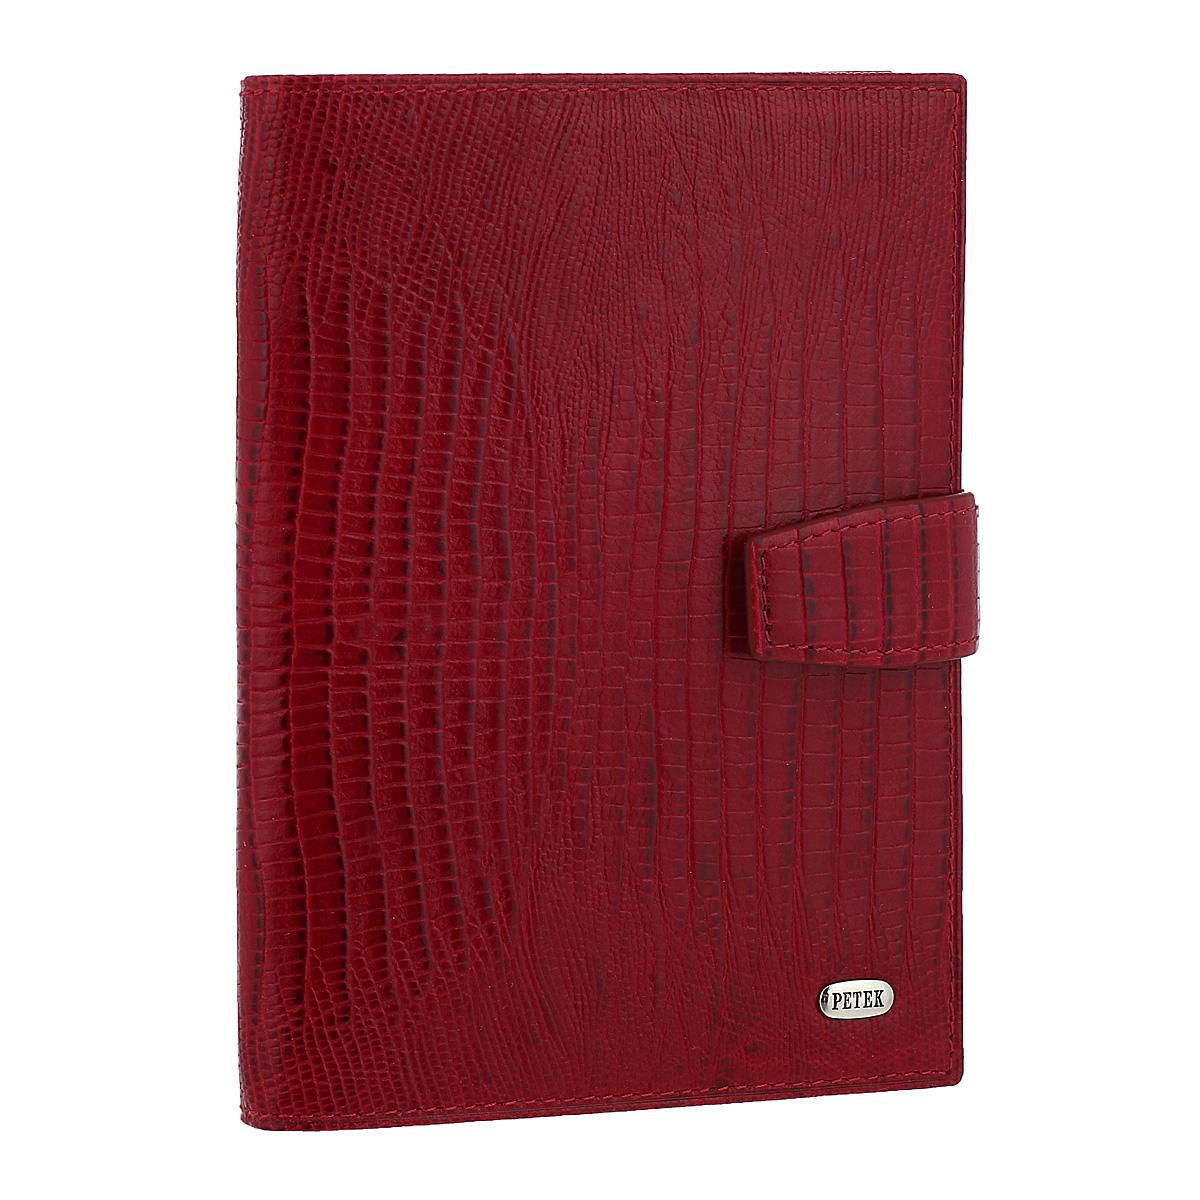 Обложка для автодокументов и паспорта Red, цвет: красный. 595.041.101-022_516Обложка для автодокументов и паспорта Red не только поможет сохранить внешний вид ваших документов и защитить их от повреждений, но и станет стильным аксессуаром, идеально подходящим вашему образу. Обложка выполнена из натуральной кожи с декоративным тиснением под крокодила. На внутреннем развороте имеются два прозрачных кармана, съемный блок из шести прозрачных файлов из мягкого пластика, один из которых формата А5 и два вертикальных кармана. Обложка закрывается хлястиком на кнопку.Упакована в фирменную картонную коробку. Такая обложка станет замечательным подарком человеку, ценящему качественные и практичные вещи. Характеристики:Материал:натуральная кожа, металл, текстиль, пластик. Размер обложки (в сложенном виде): 10,5 см х 13,5 см х 1,5 см. Цвет: красный. Размер упаковки: 11,5 см х 15 см х 2,5 см. Артикул: 595.041.10.